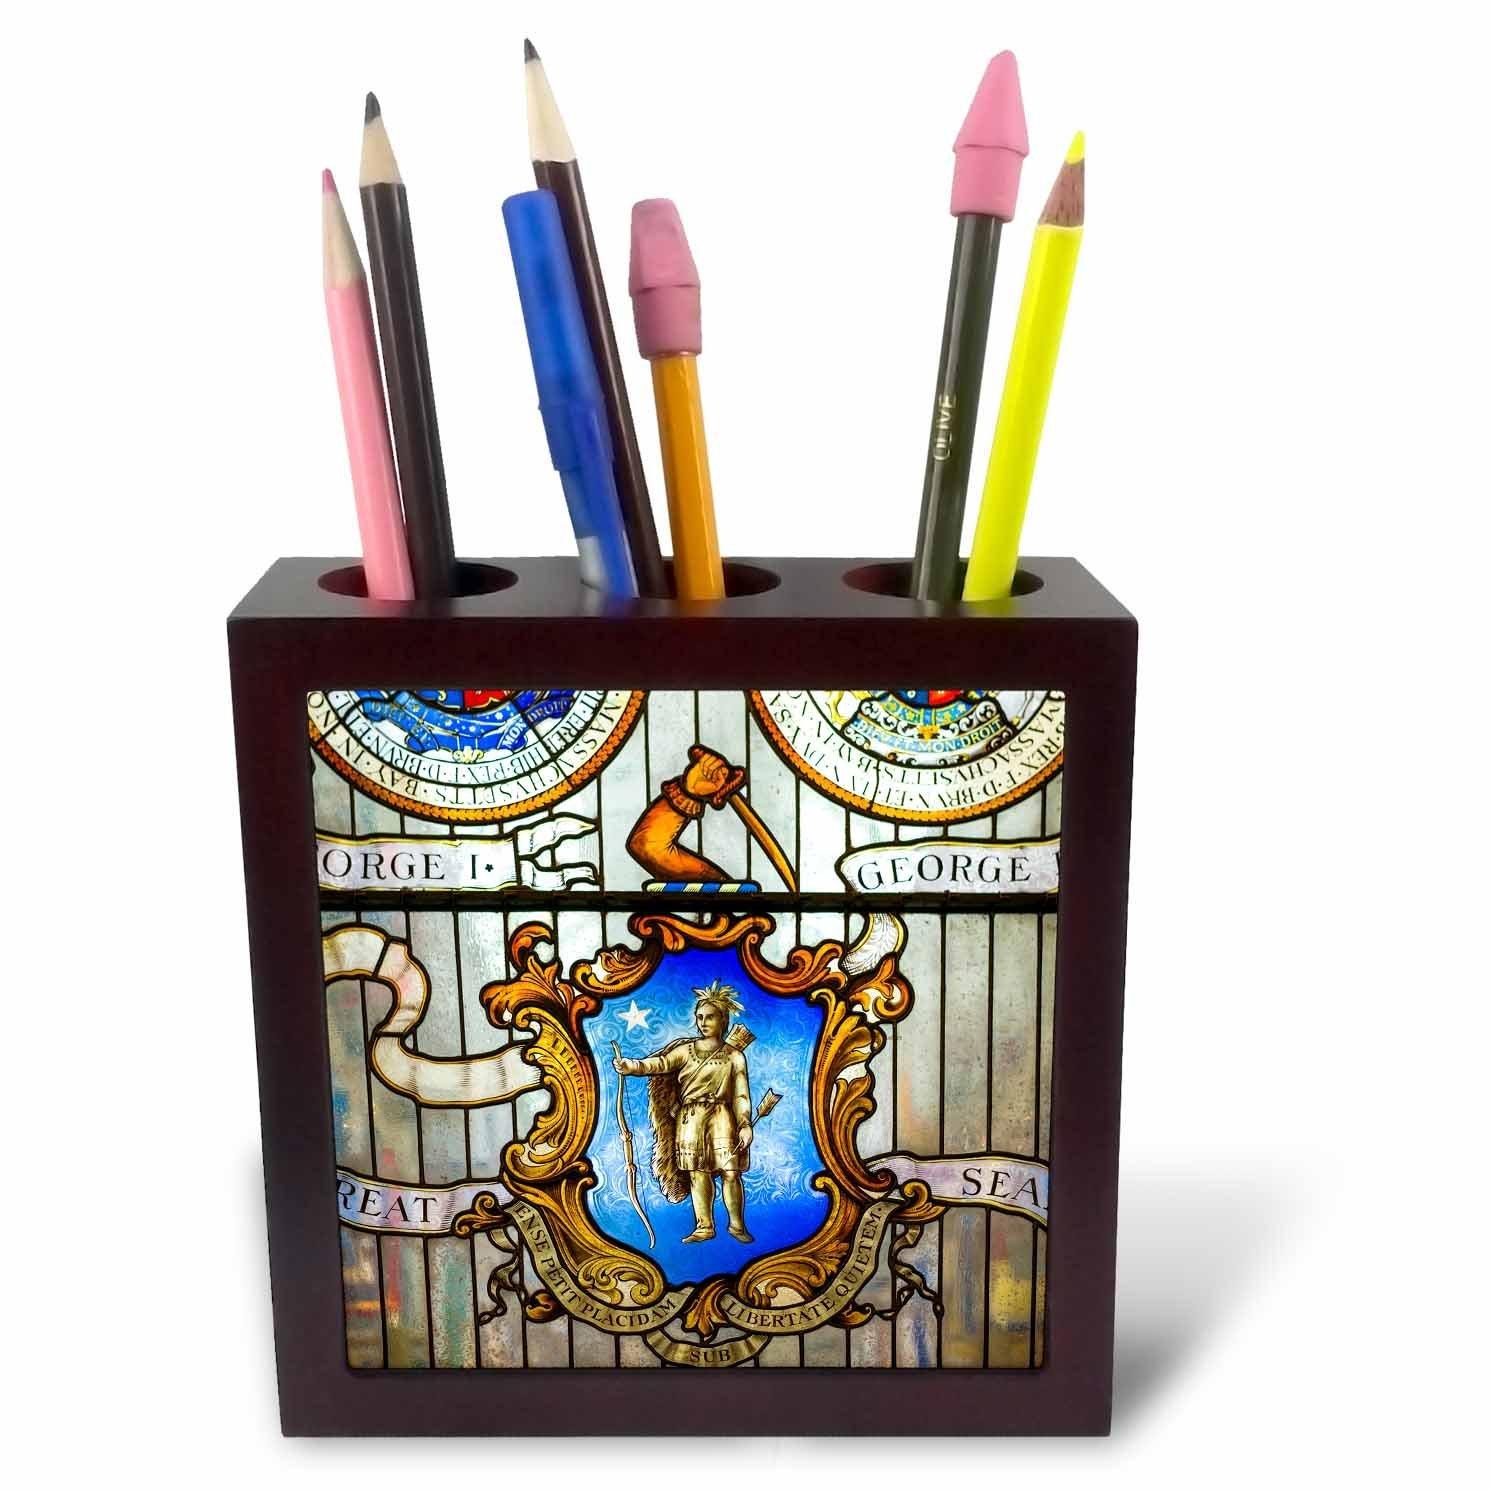 3dRose Danita Delimont - Boston - Massachusetts, Boston, Massachusetts State House, stained glass window - 5 inch tile pen holder (ph_251116_1)